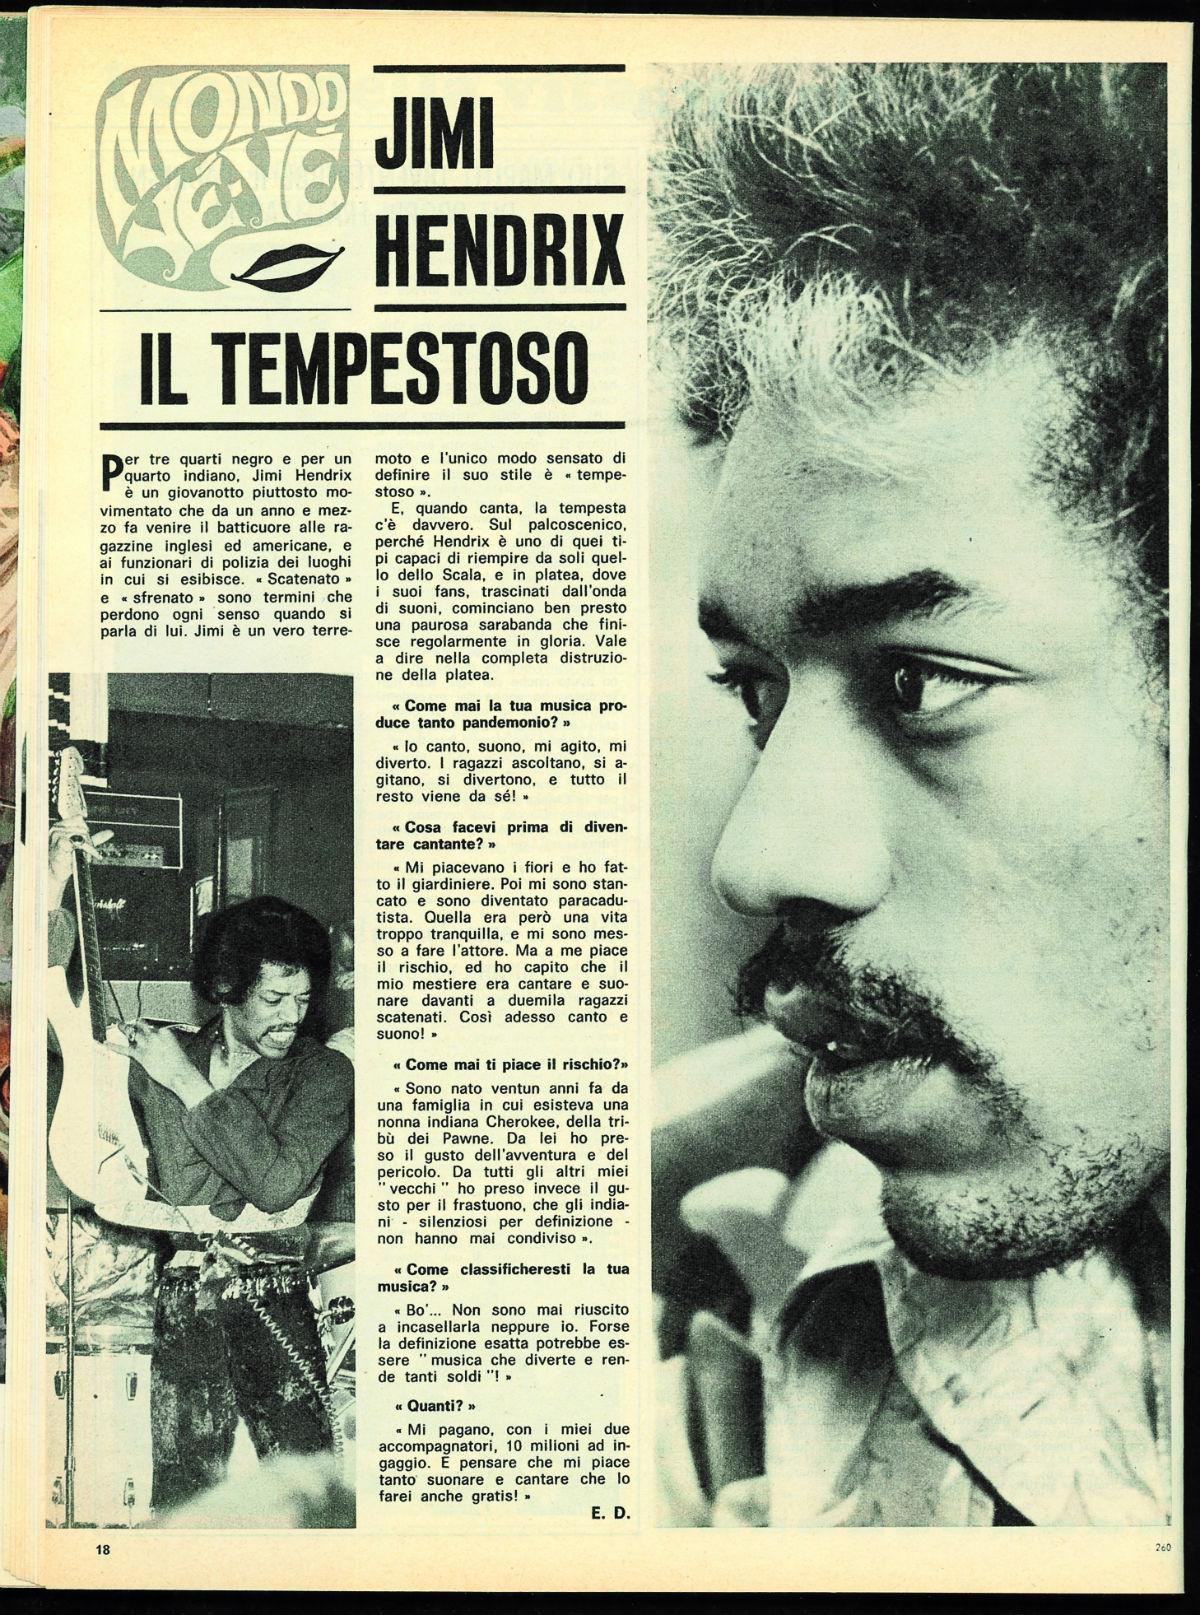 Hey Jimi - The Italian Experience 1968